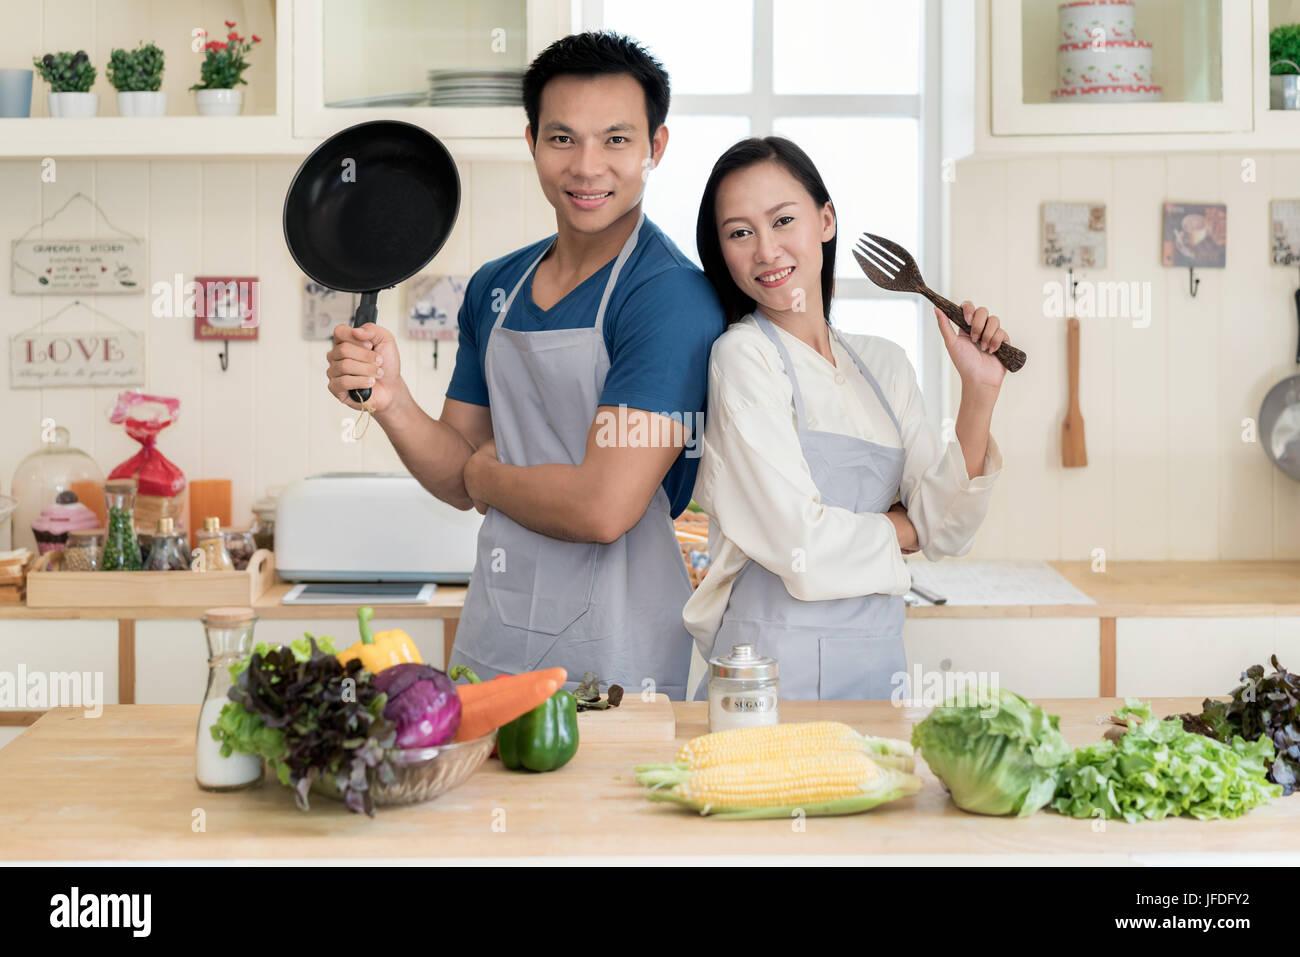 Pareja joven asiático junto al contador preparando la comida en la cocina. Feliz pareja amor concepto. Foto de stock